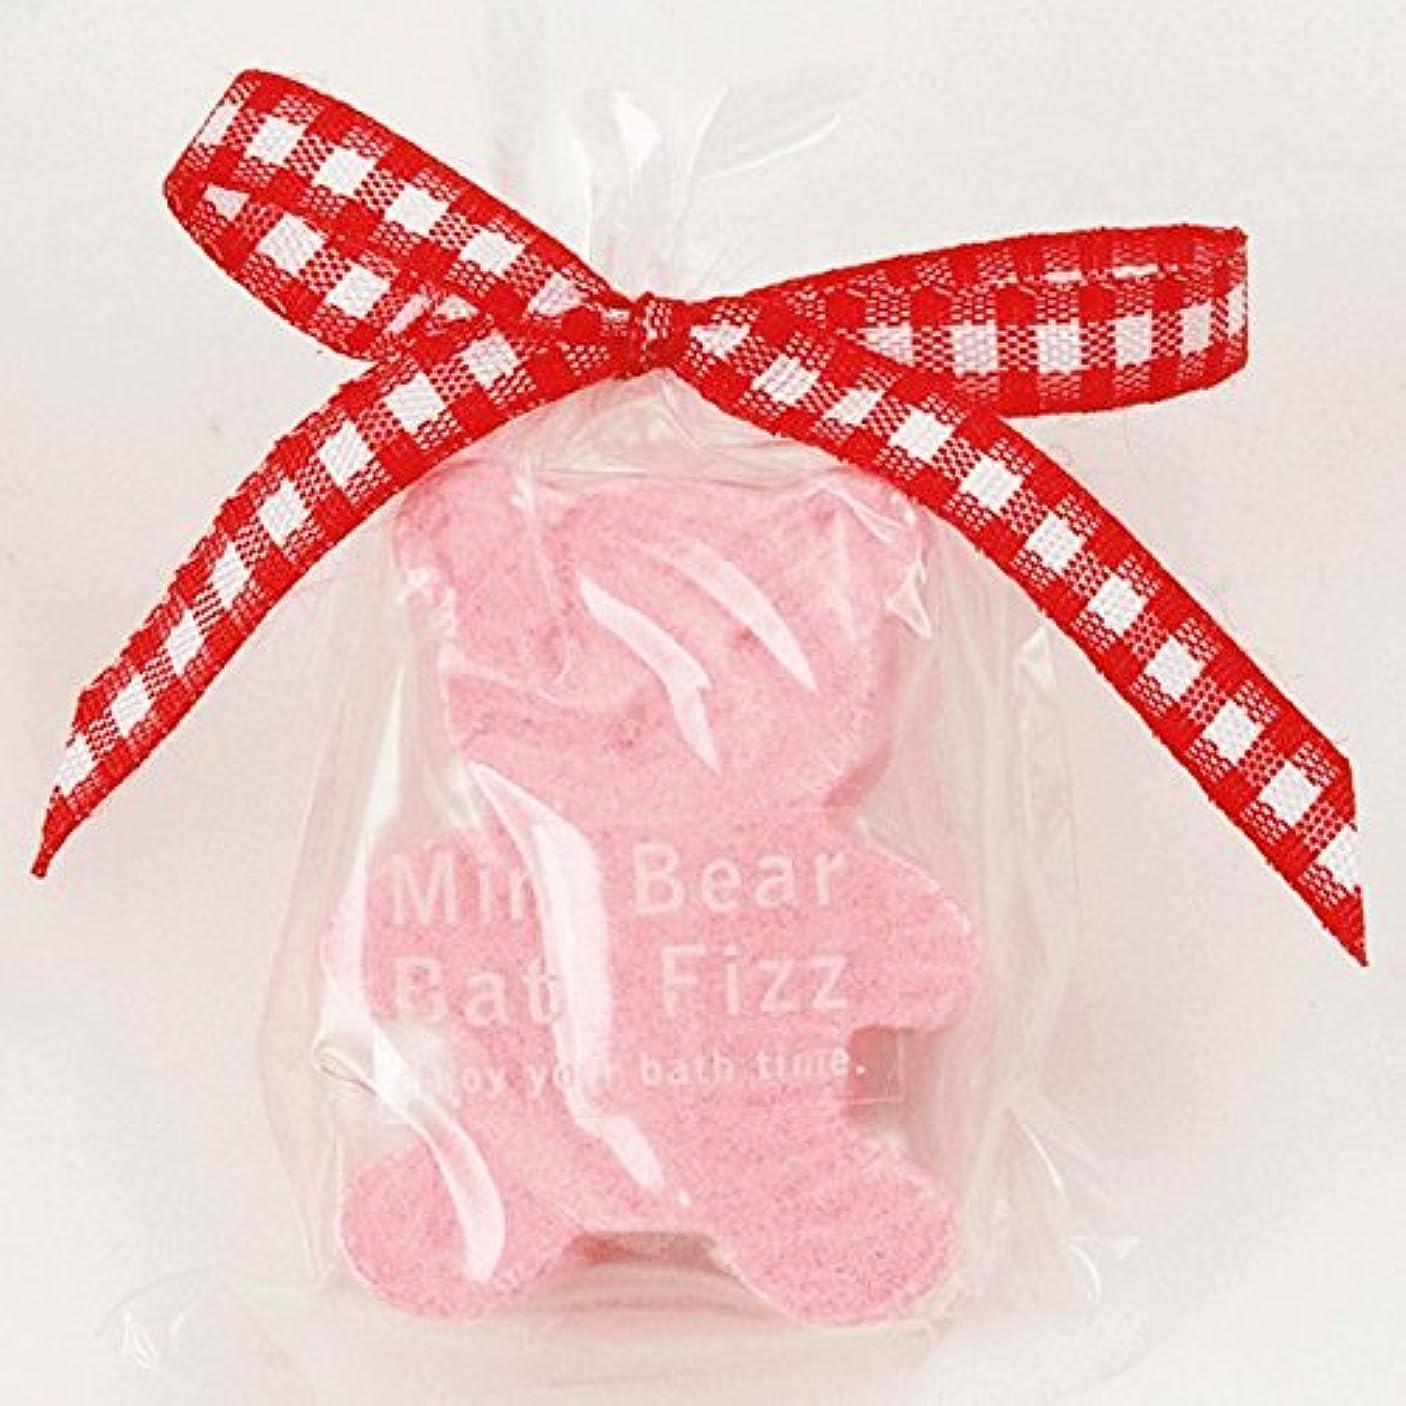 マッシュ高度な誘うミニベアdeバスフィズ(入浴剤のプチギフト)ピンク【結婚式 バスグッズ くま】